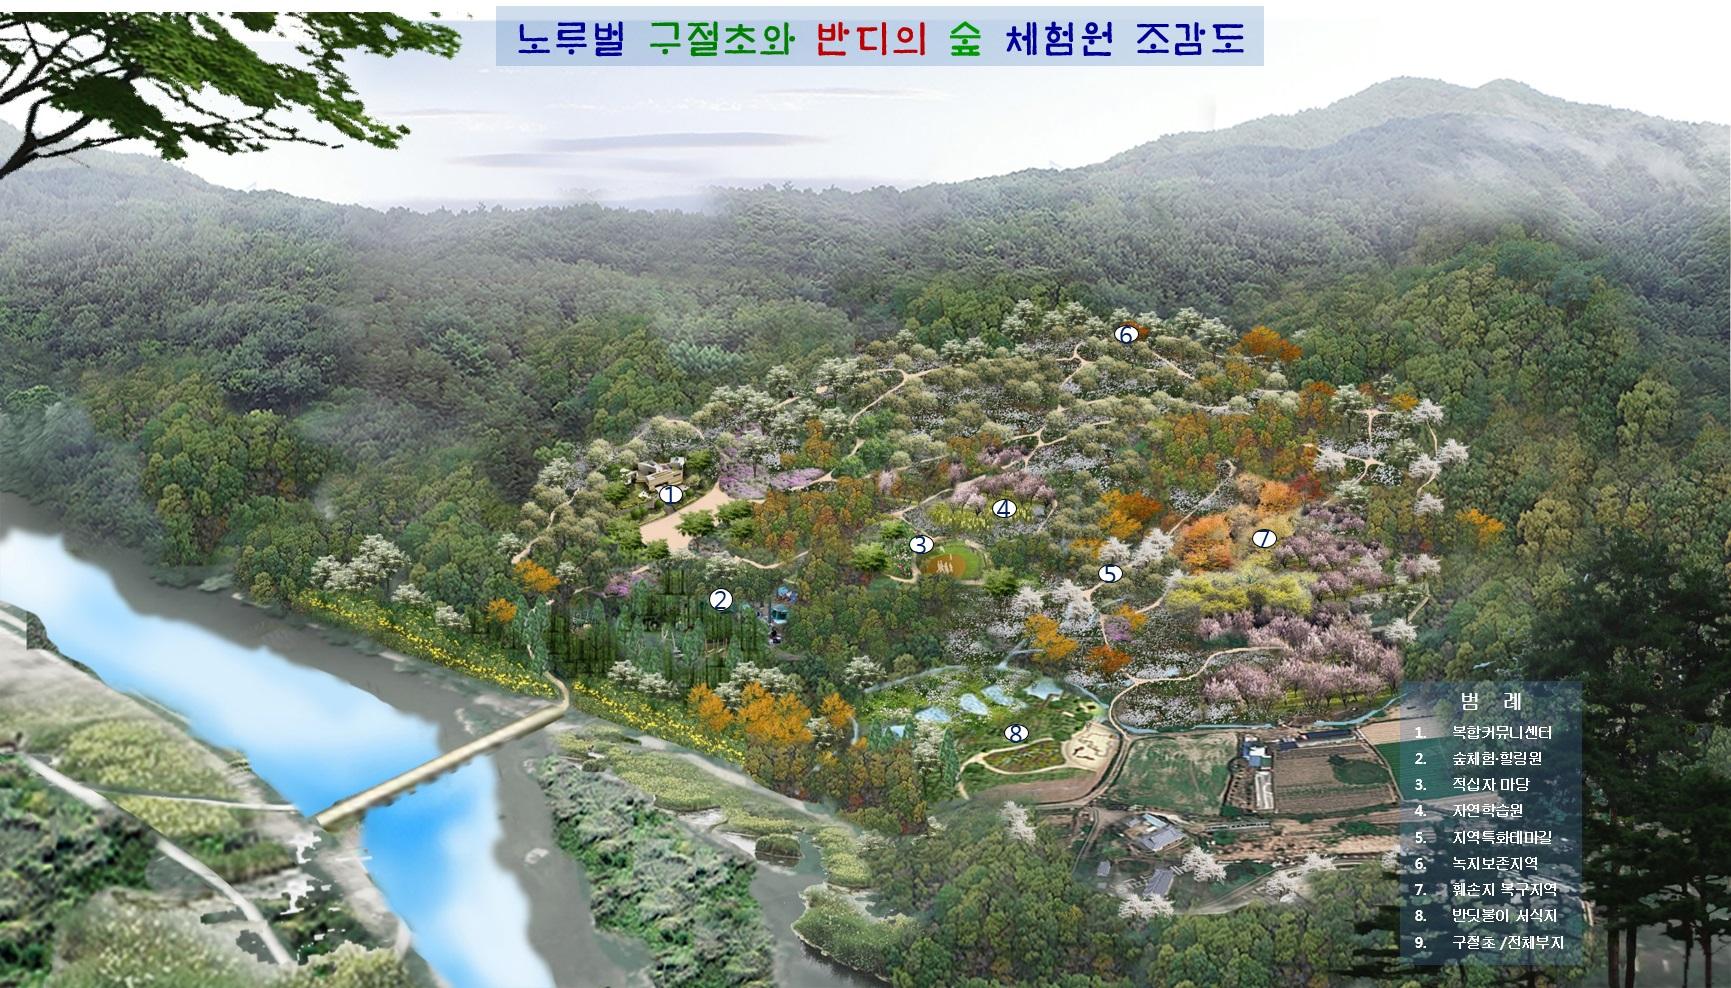 노루벌 구절초와 반디의 숲 체험원 조감도(송부).jpg